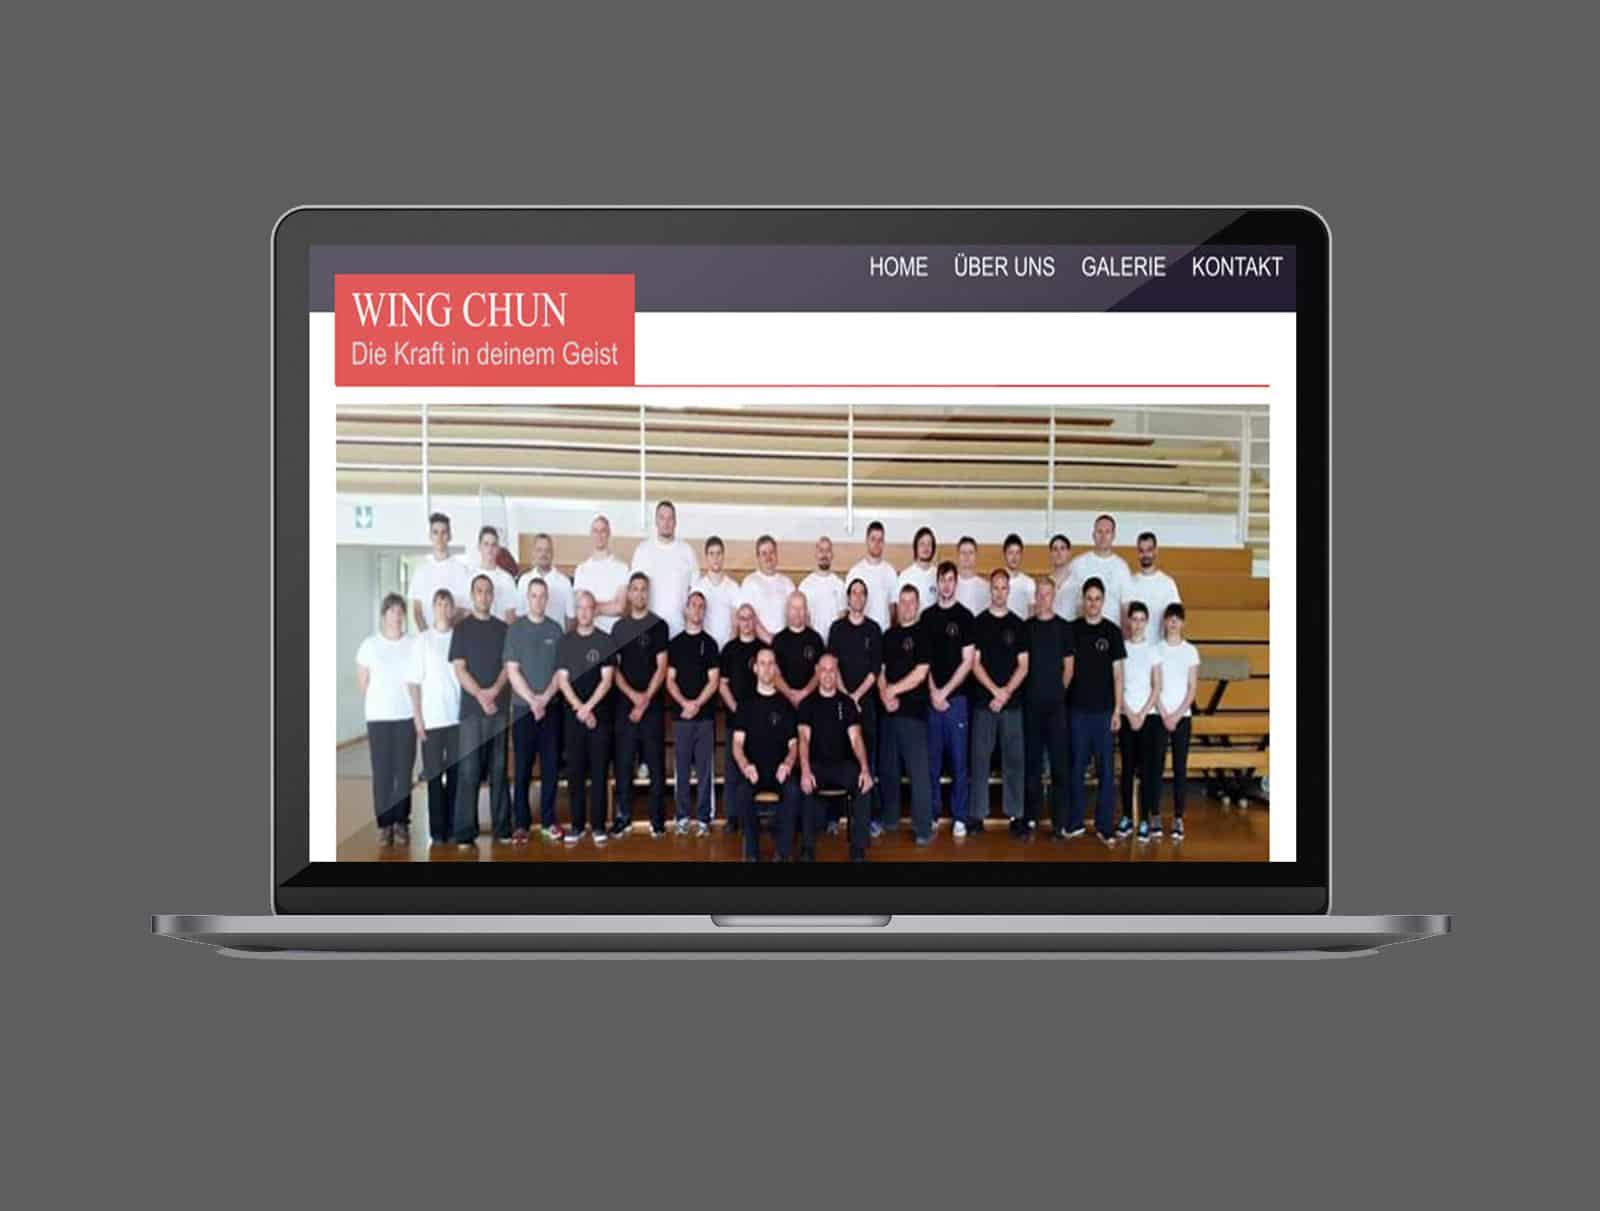 liebespixel-agentur-webdesign-WingChun-Wendlingen-Kampfschule-Kirchheim